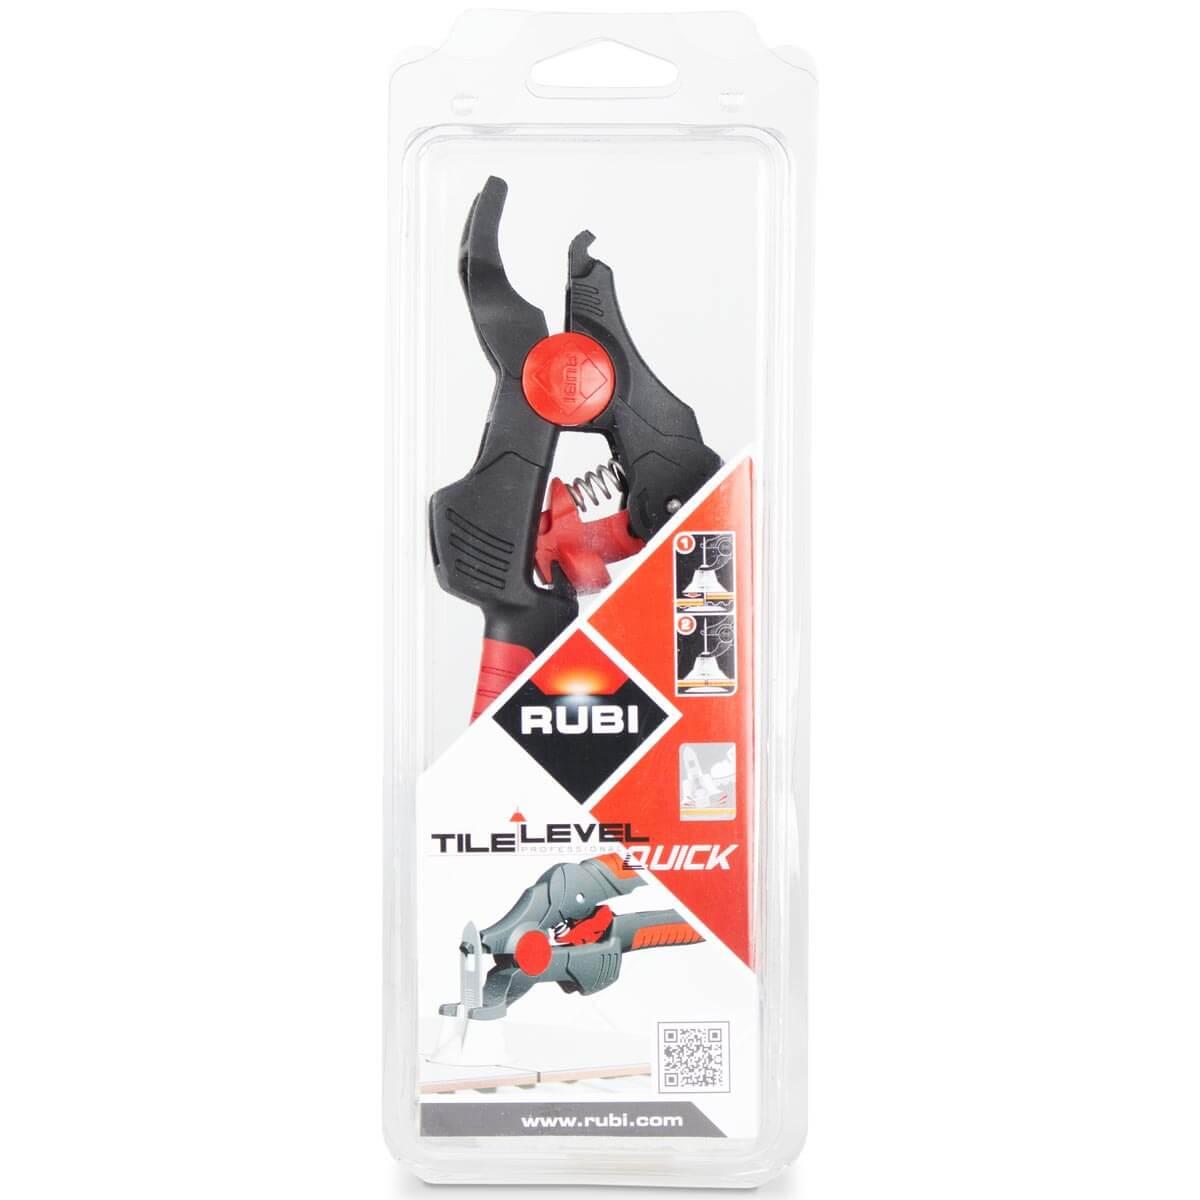 02989 rubi tile leveling quick pliers